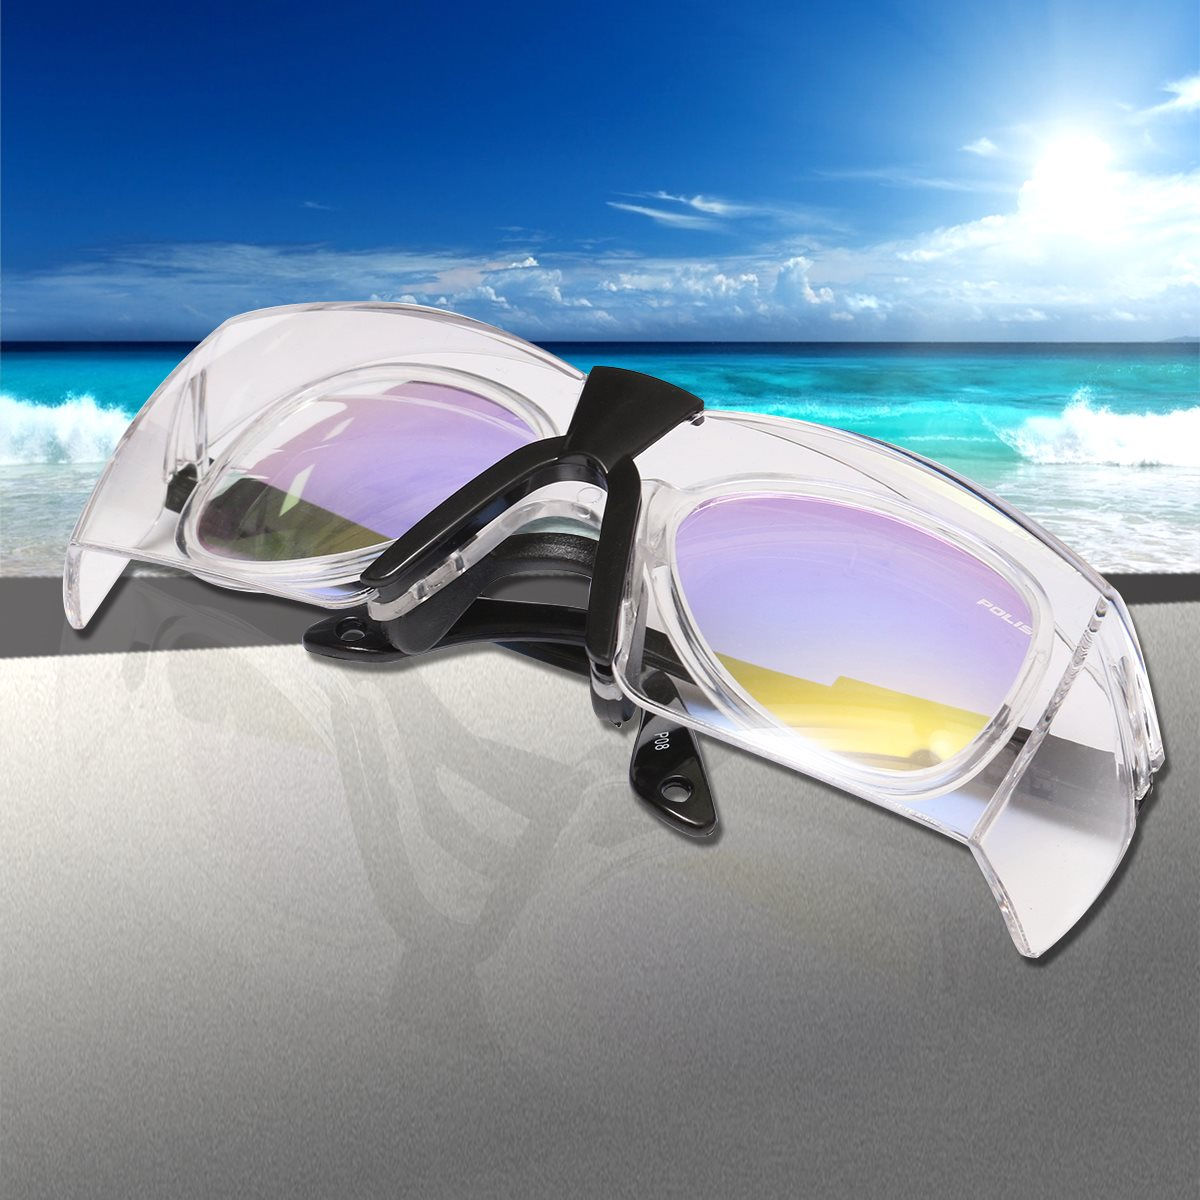 Occhiali Professionali occhiali di Protezione Laser CO2 10600nm Occhiali Occhiali Occhiali A doppio Strato con un panno Occhiali Caso